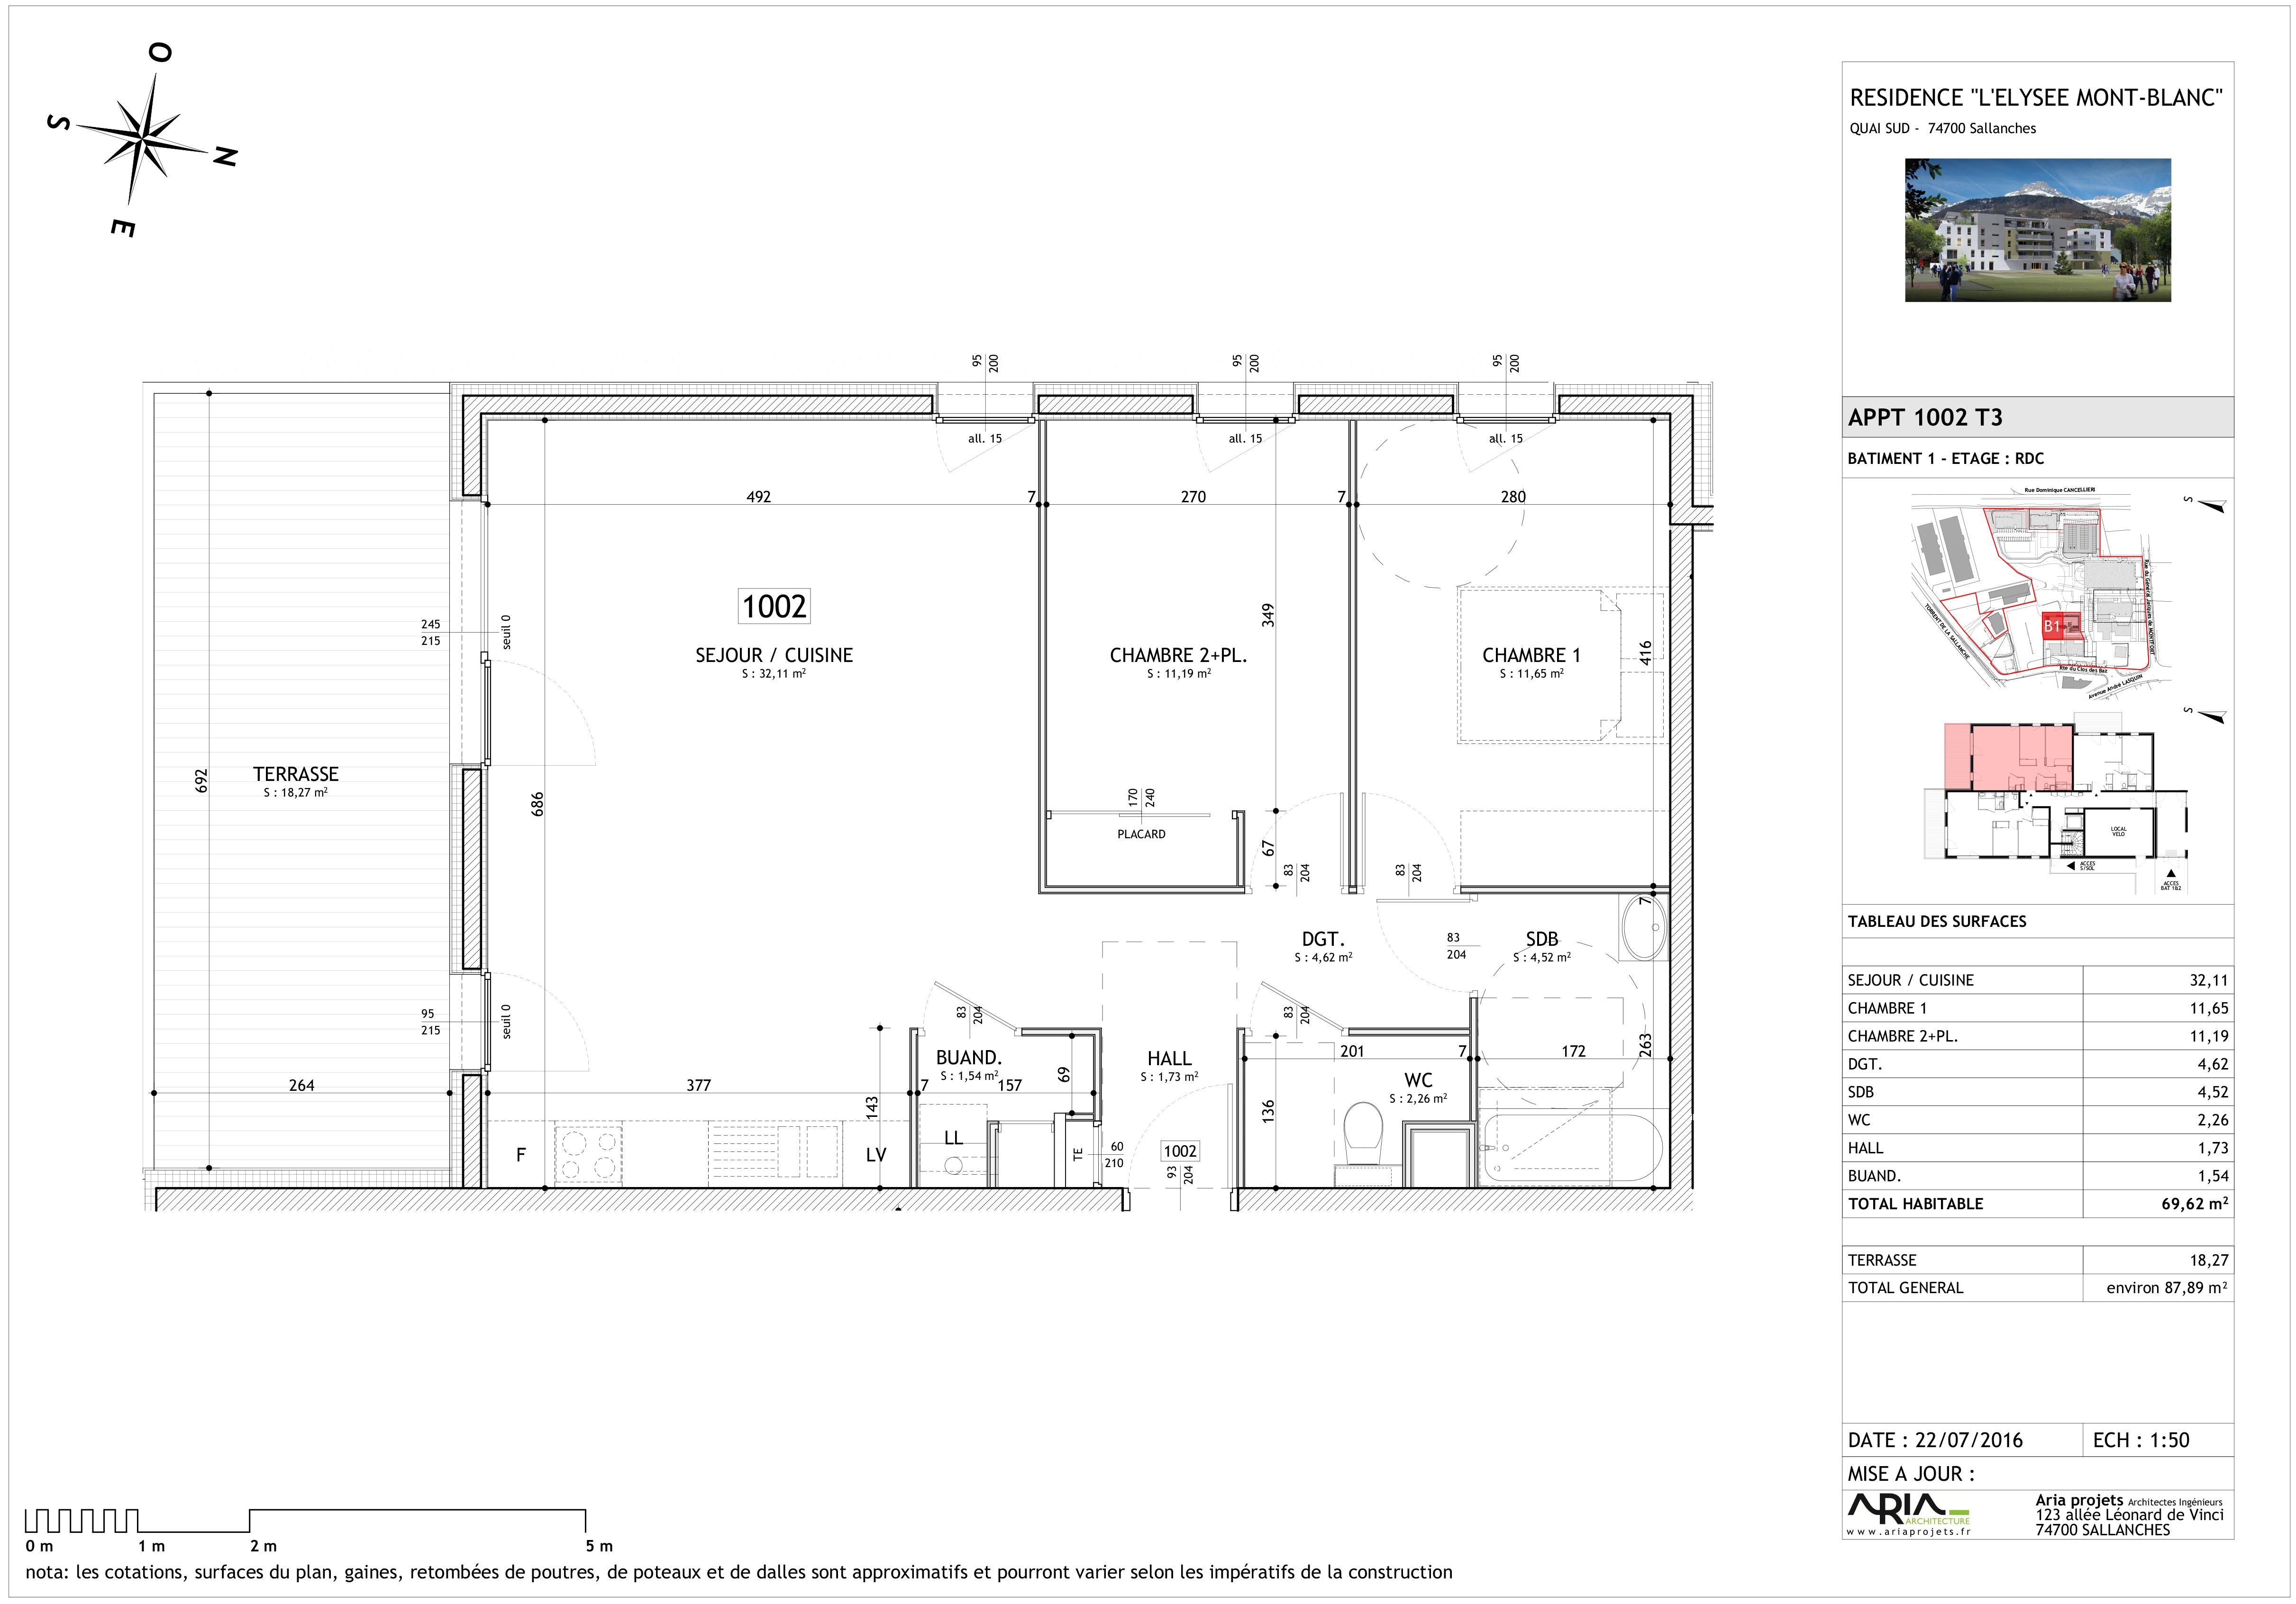 appartement 1002 de type T3